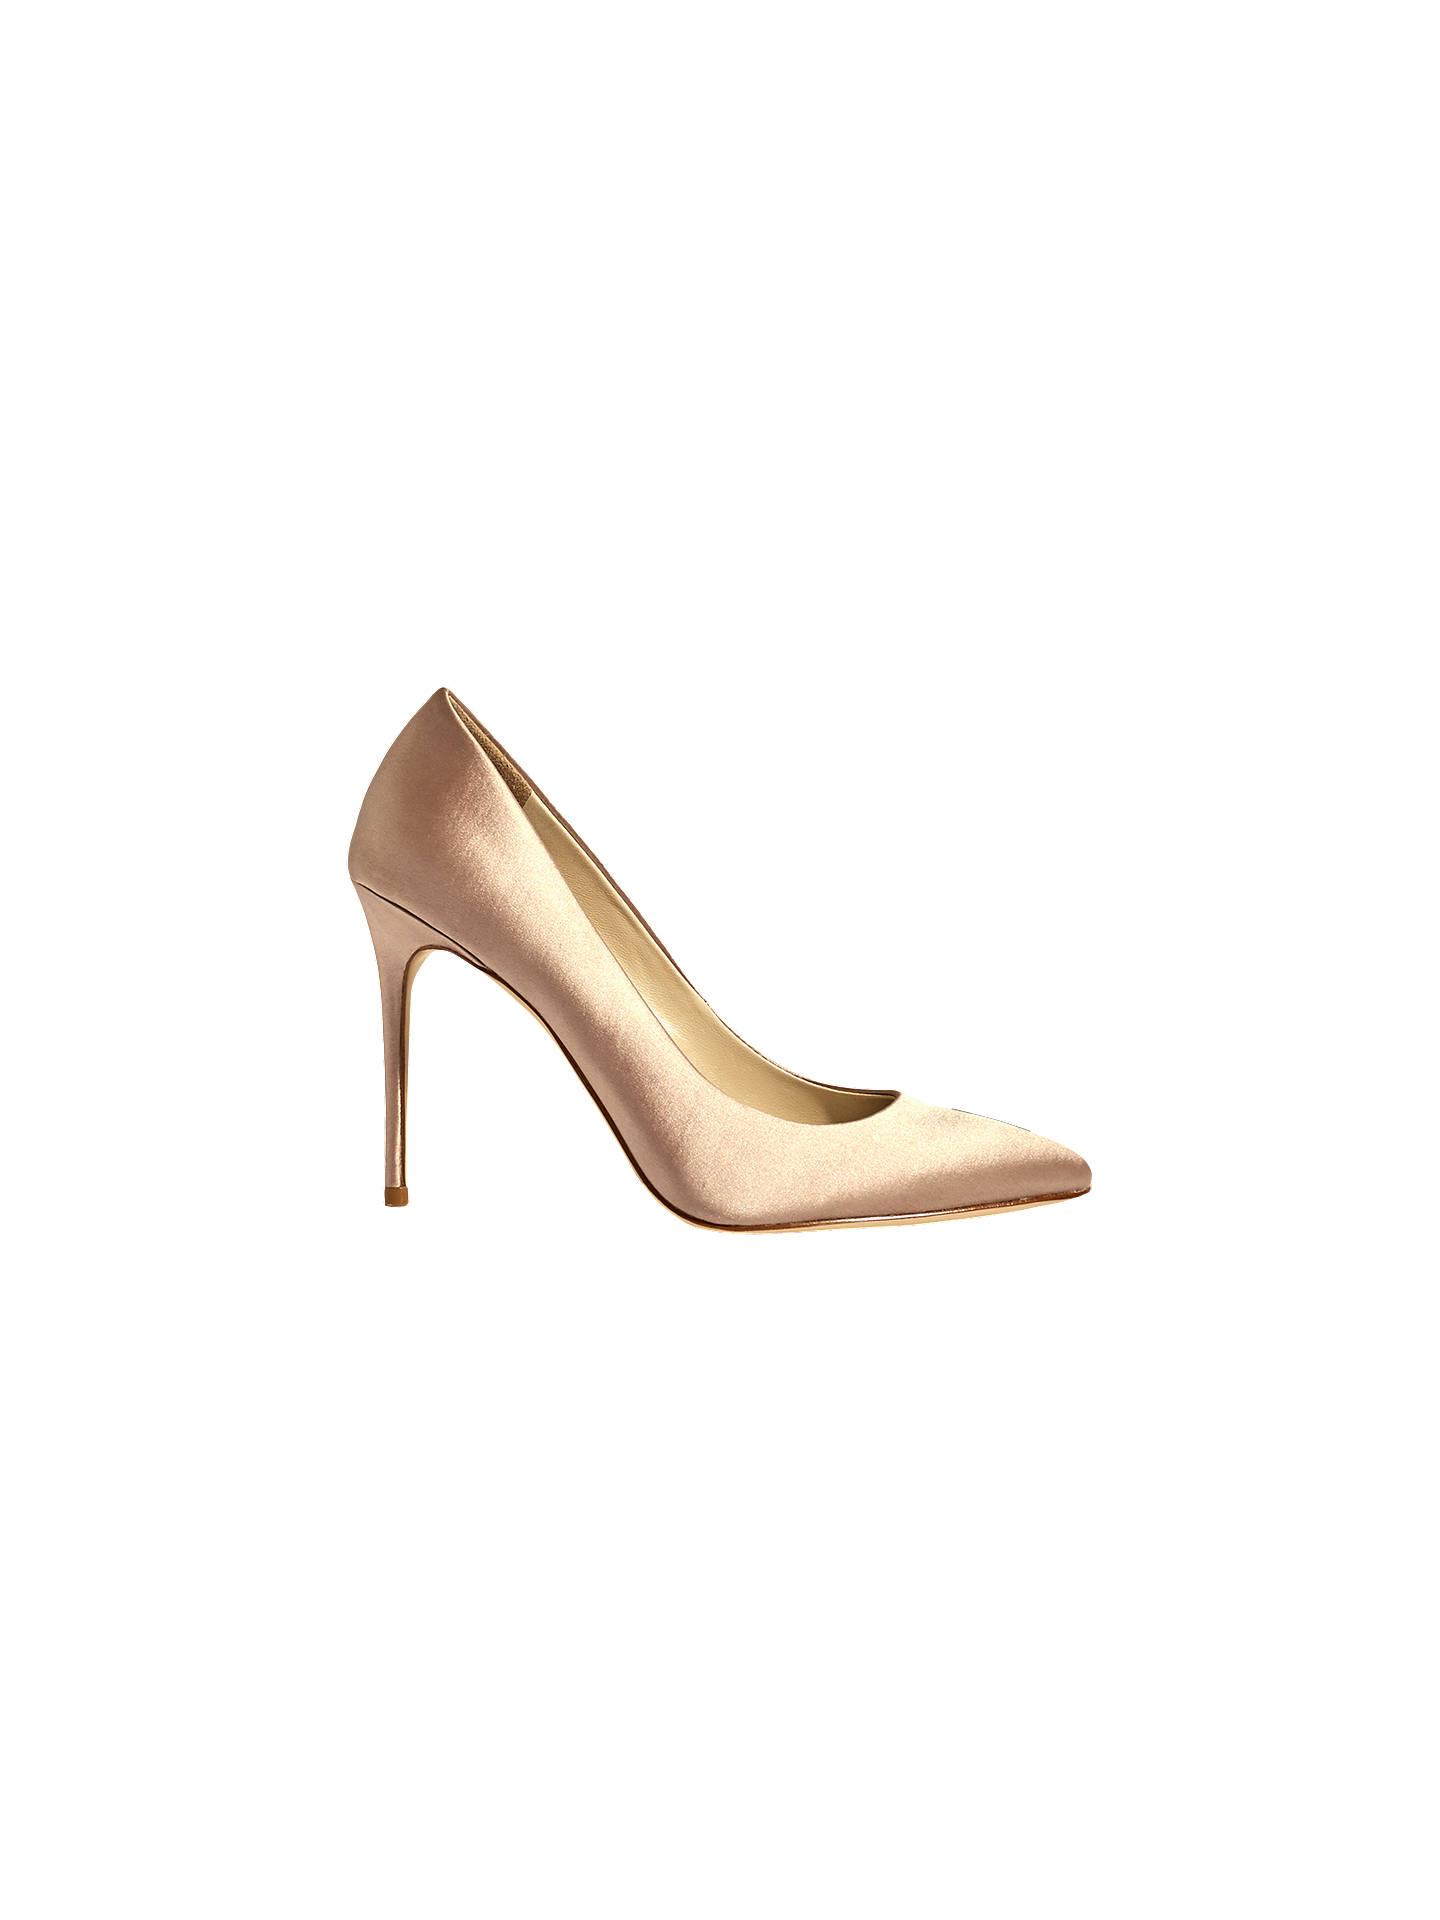 Karen Millen Satin Stiletto Heeled Court scarpe at John Lewis Partners & Partners Lewis bf725e